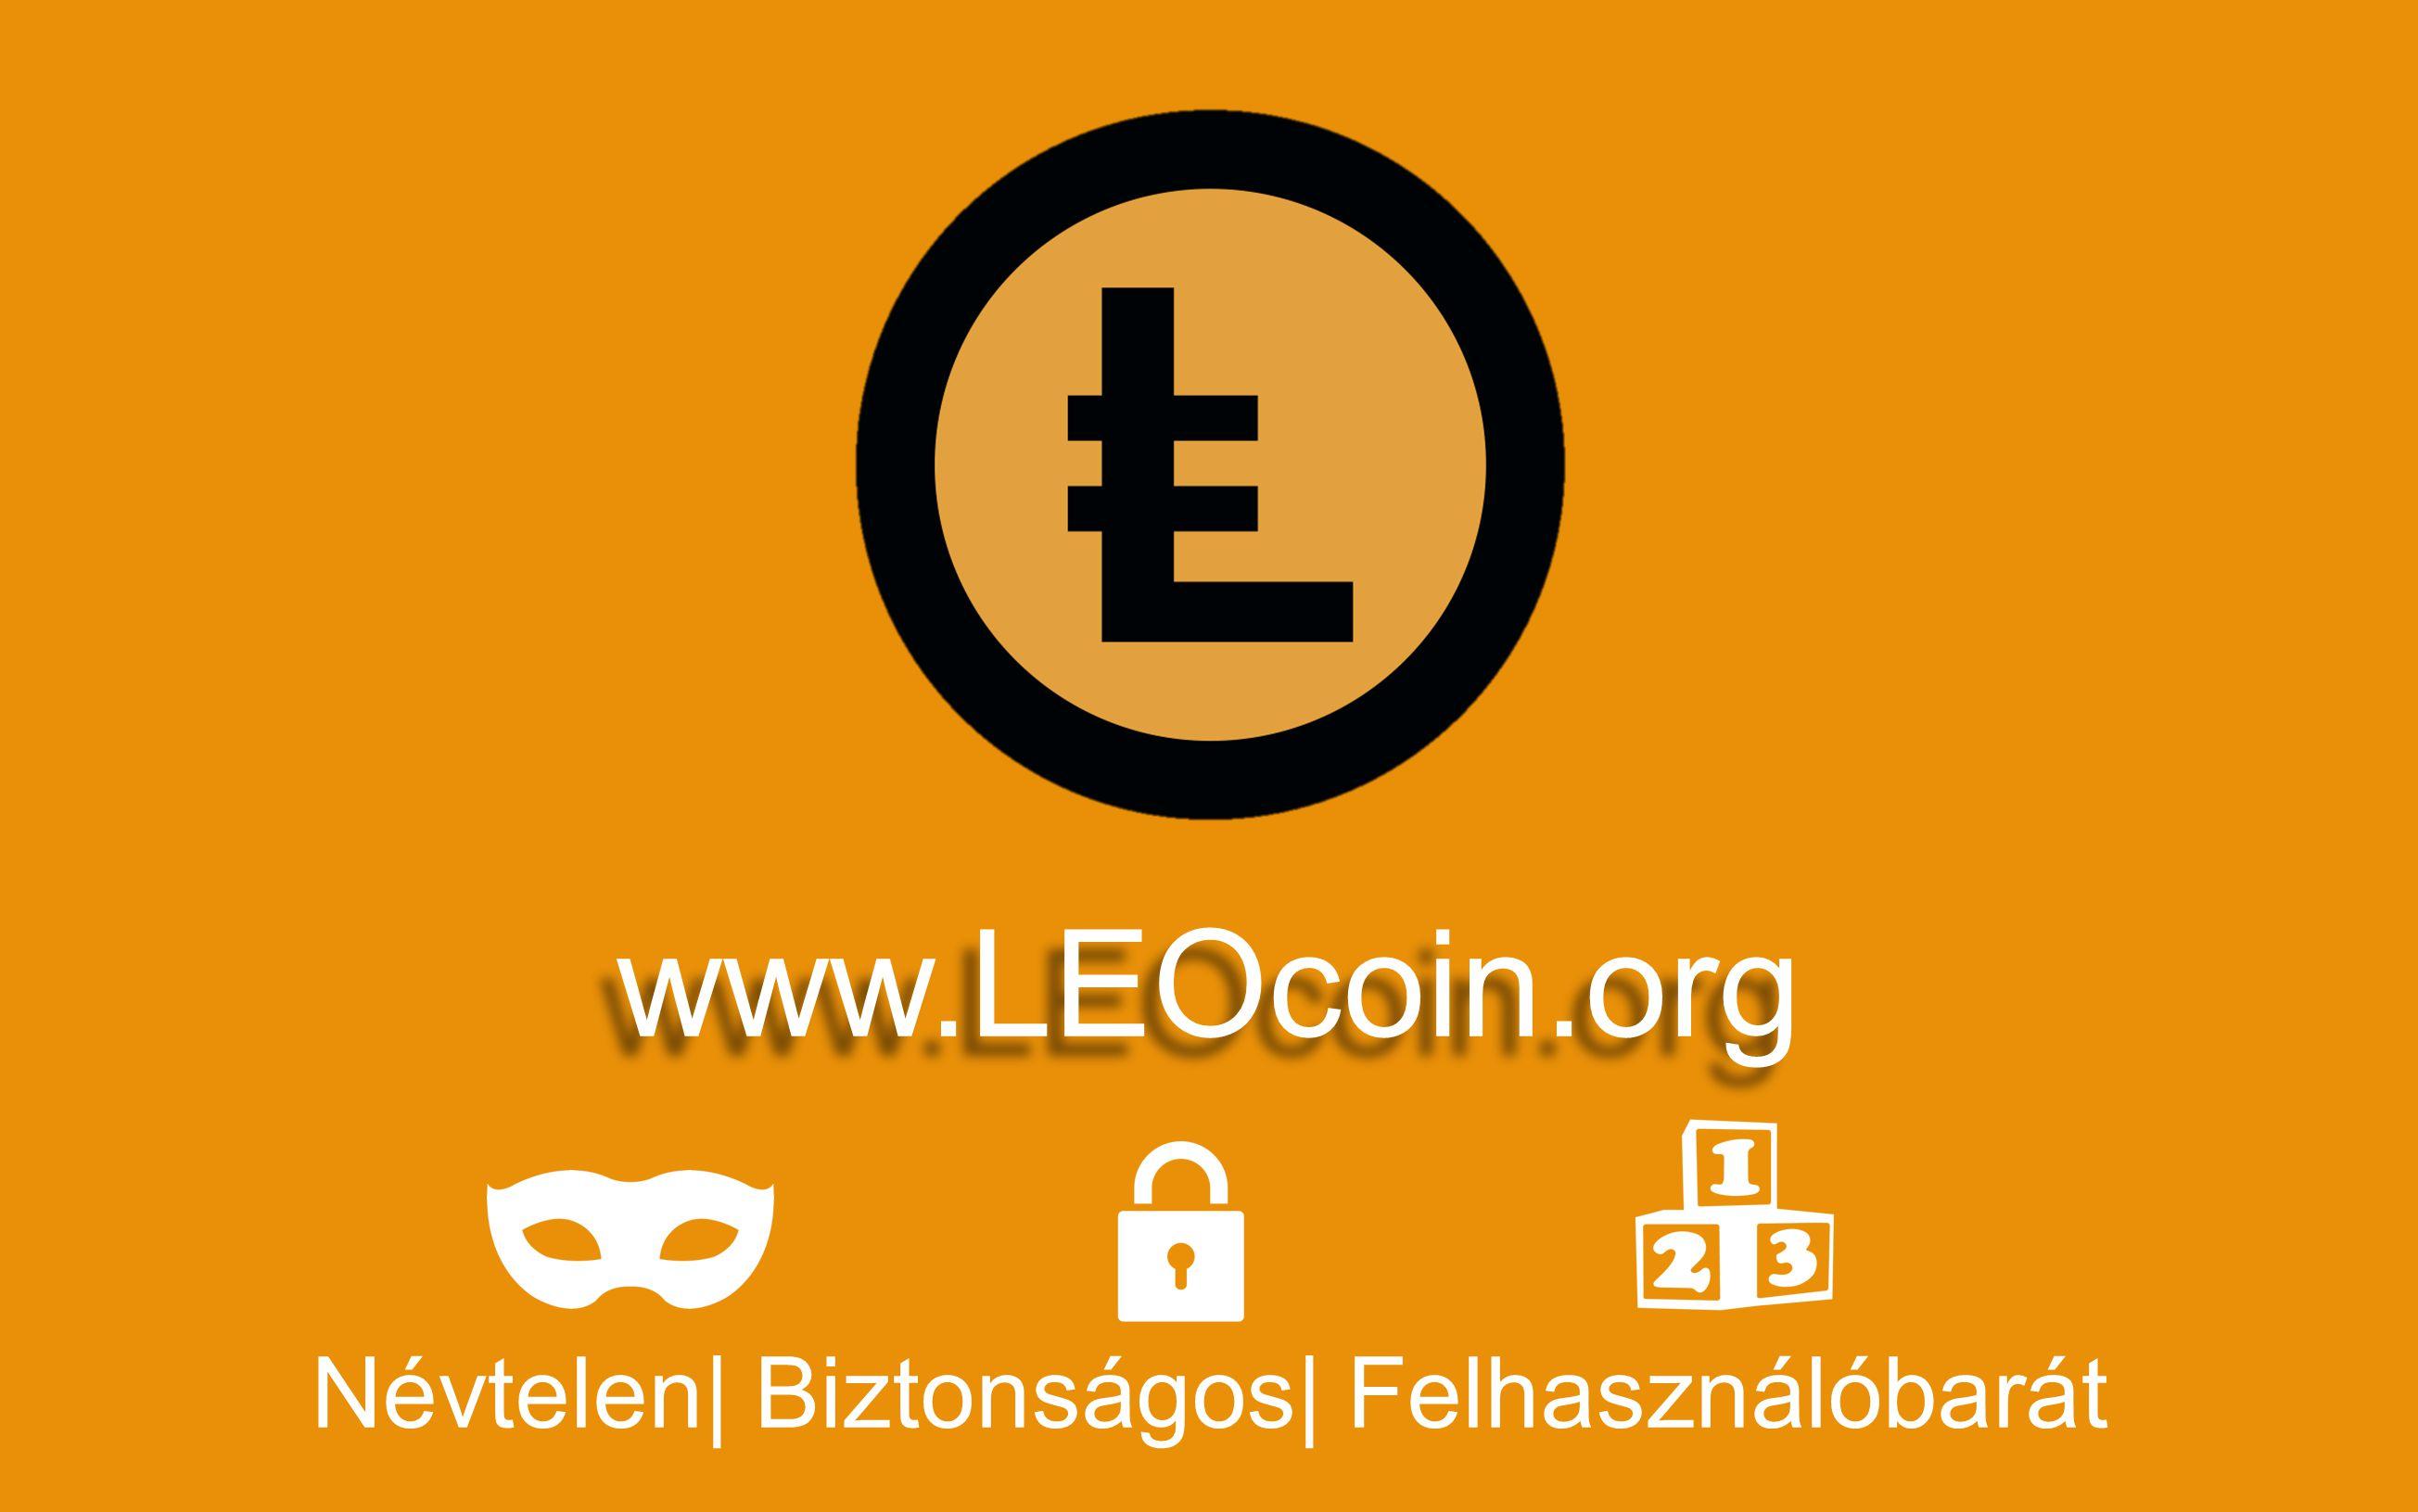 Névtelen| Biztonságos| Felhasználóbarát www.LEOcoin.org